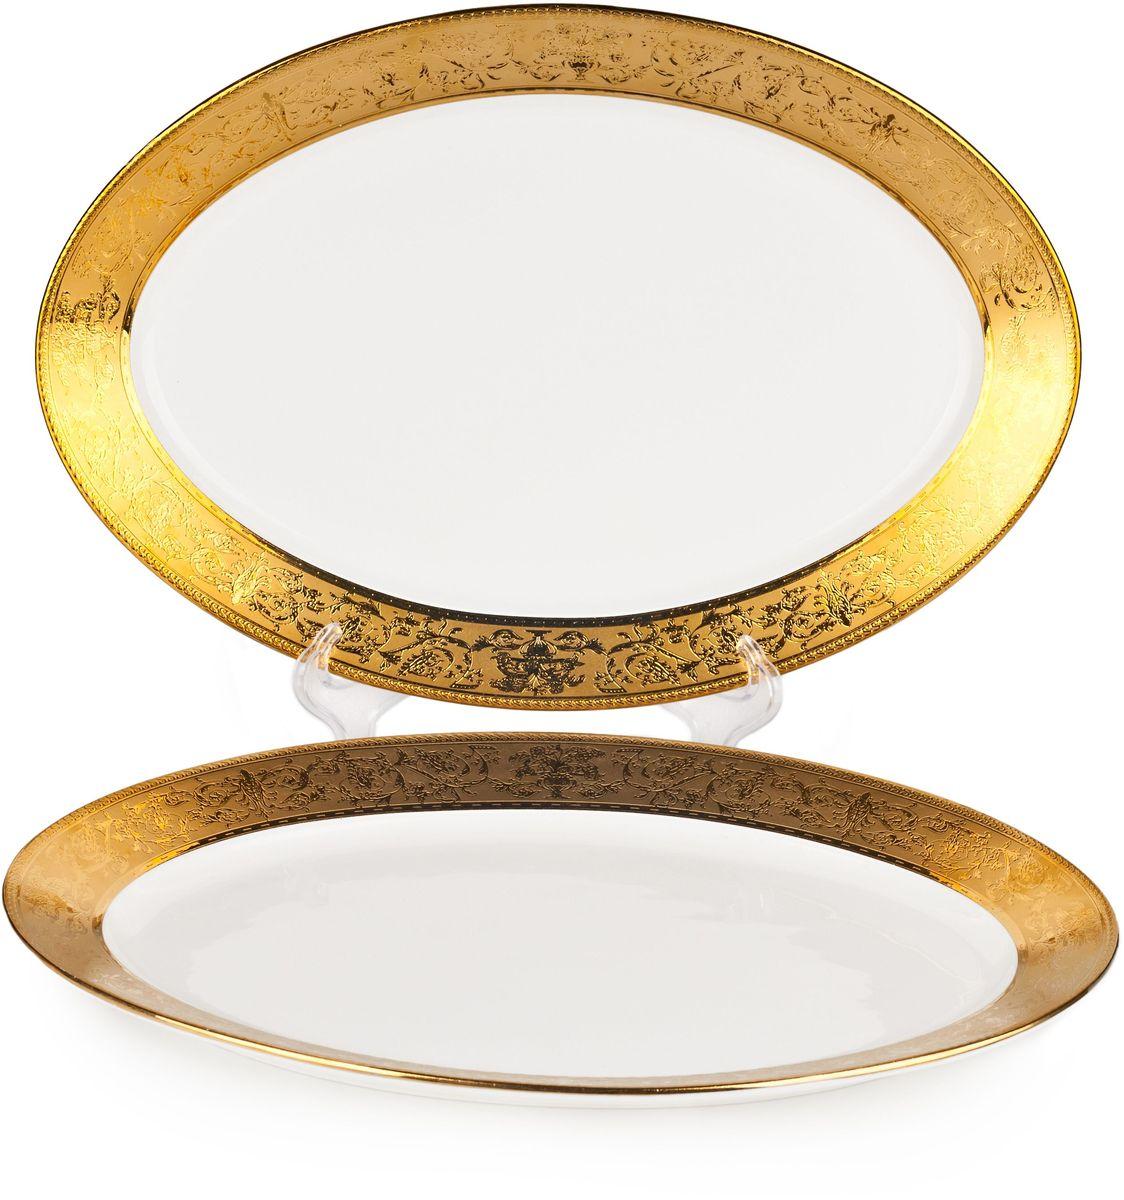 Блюдо Elff Decor Английский завтрак, диаметр 37 см115510Блюда идеальны для сервировки стола и декора интерьера